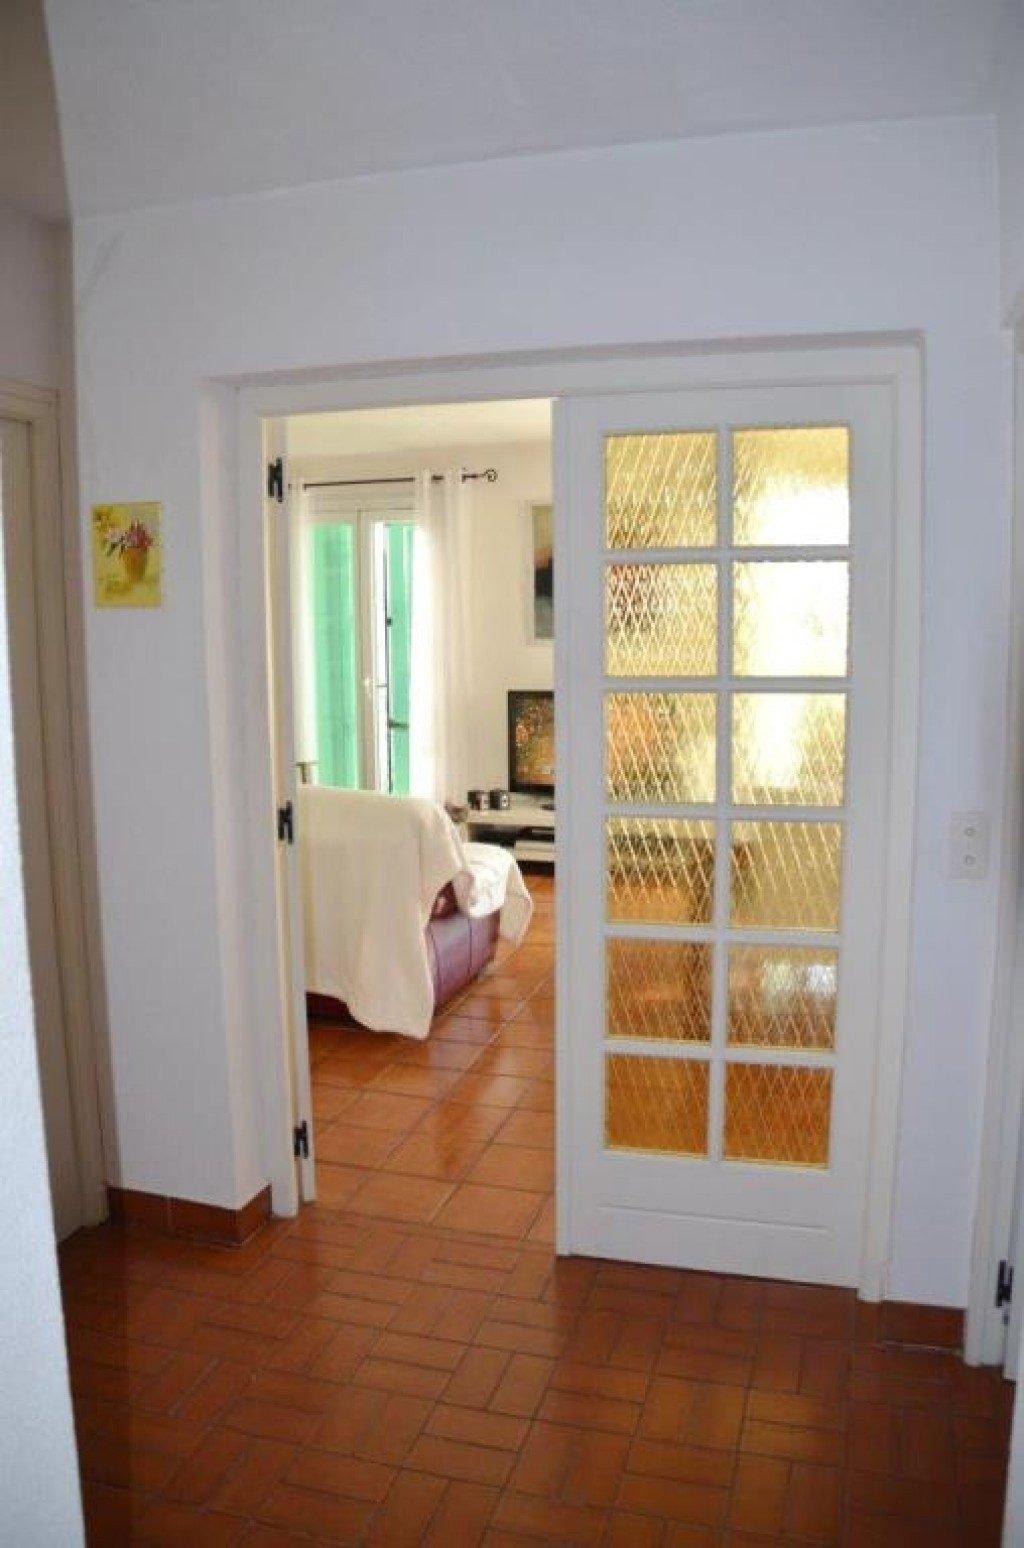 A vendre Millas maison de village avec garage,excellent état